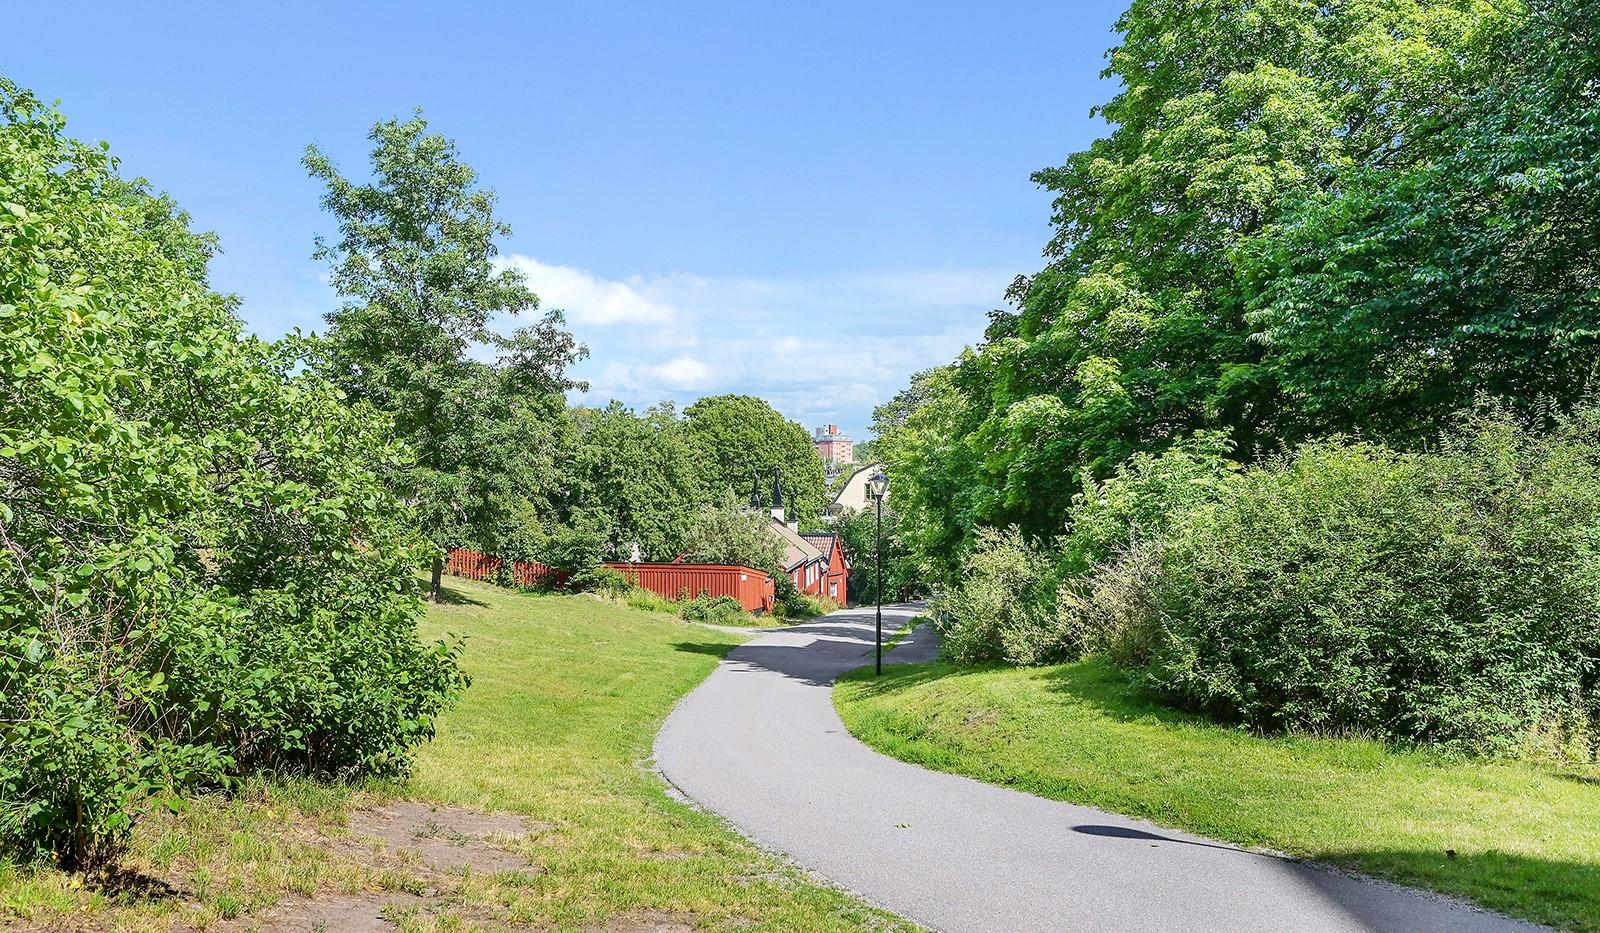 Gruvbacken 4 - Granne med skogsdunge och kulturhus